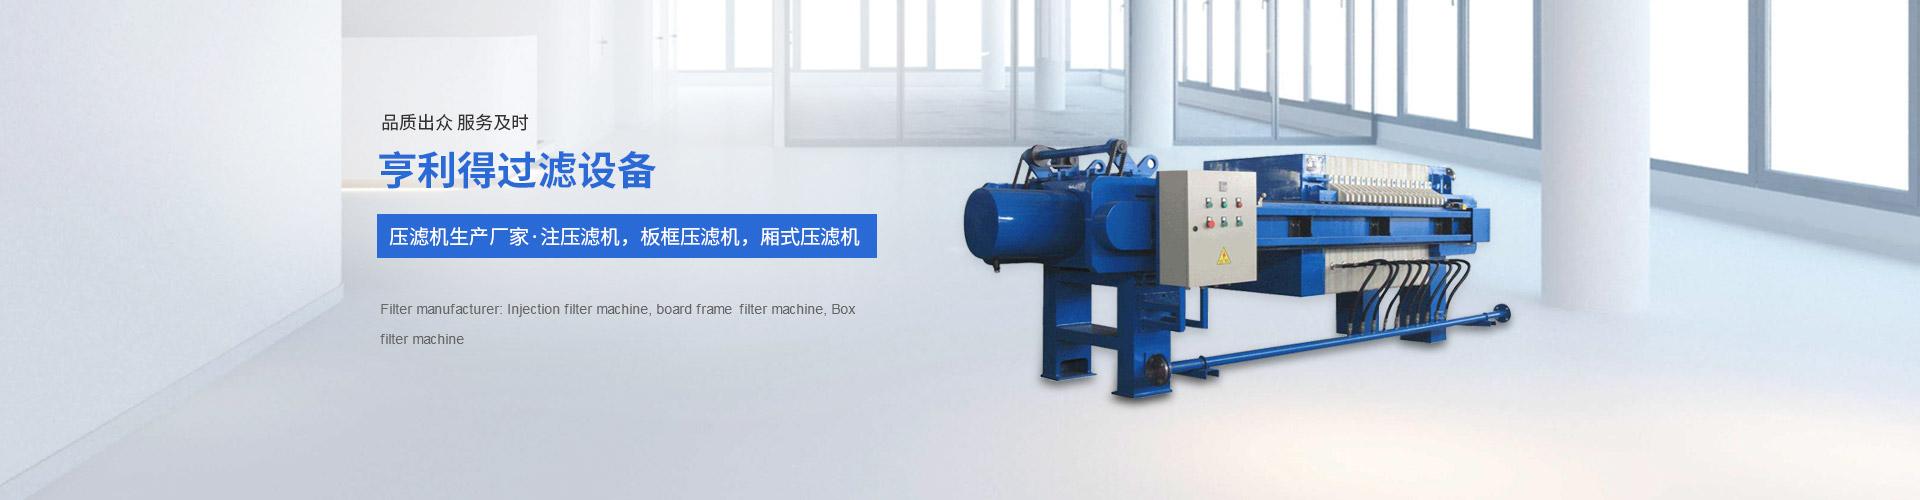 河南压滤机配件生产加工